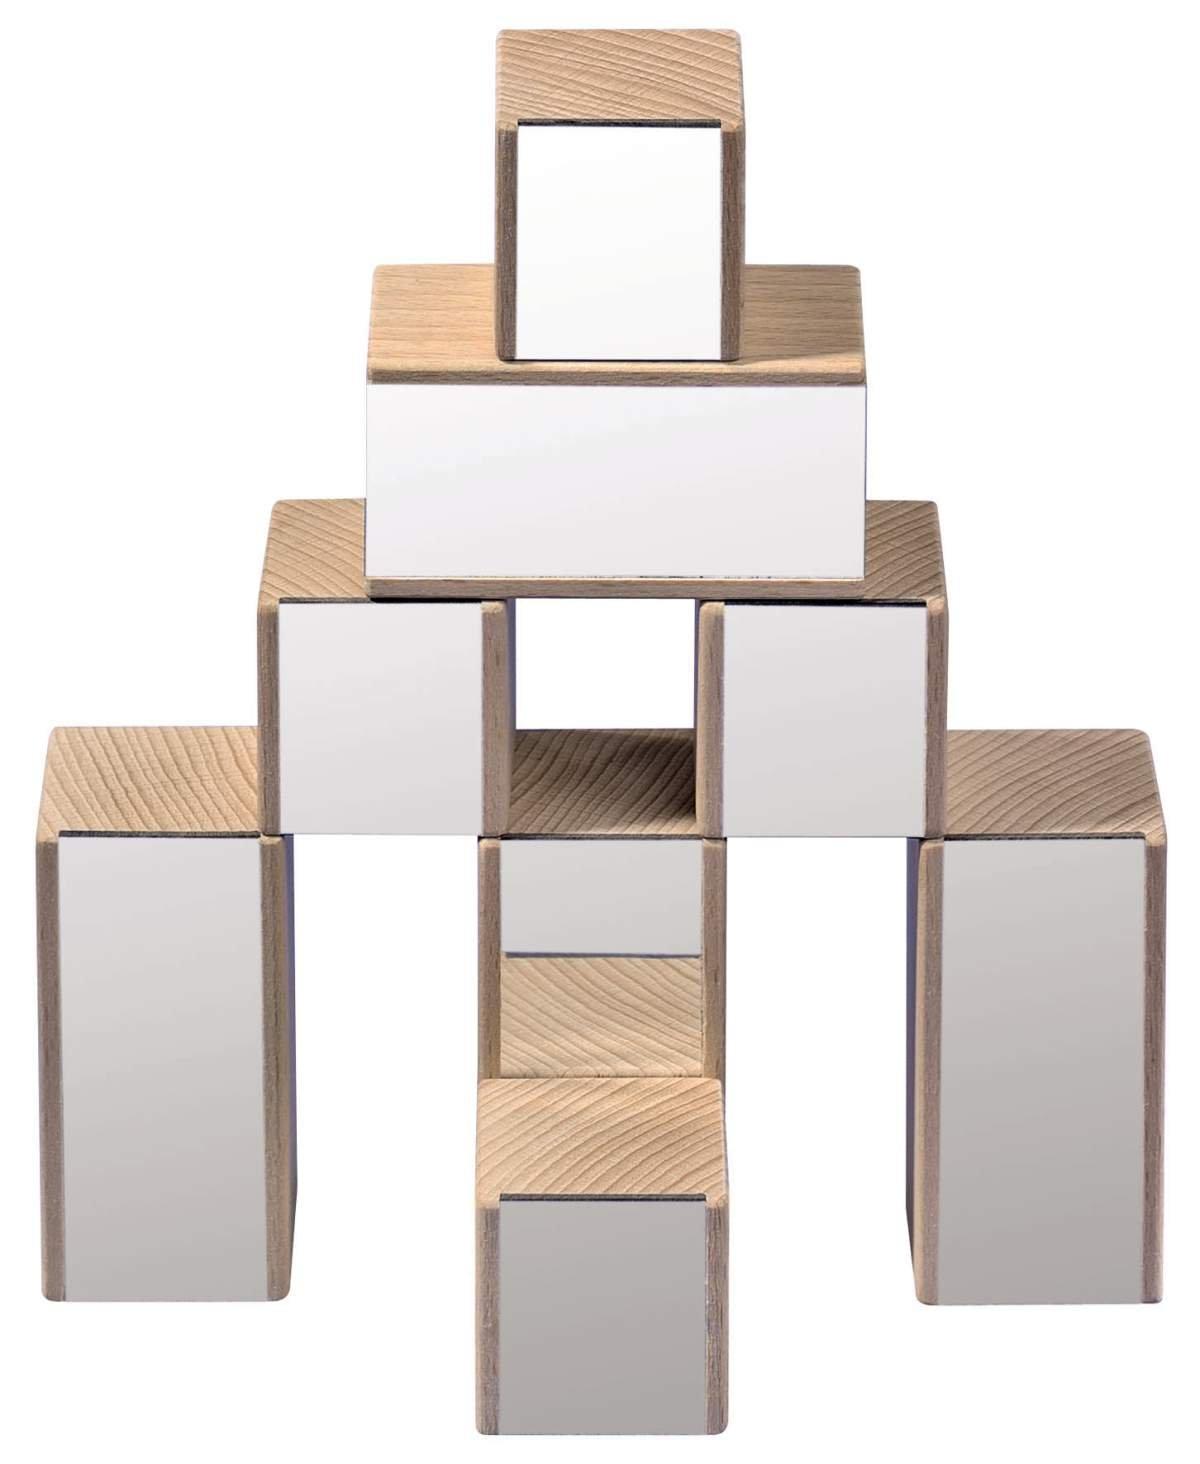 Juego de construcción con bloques de madera